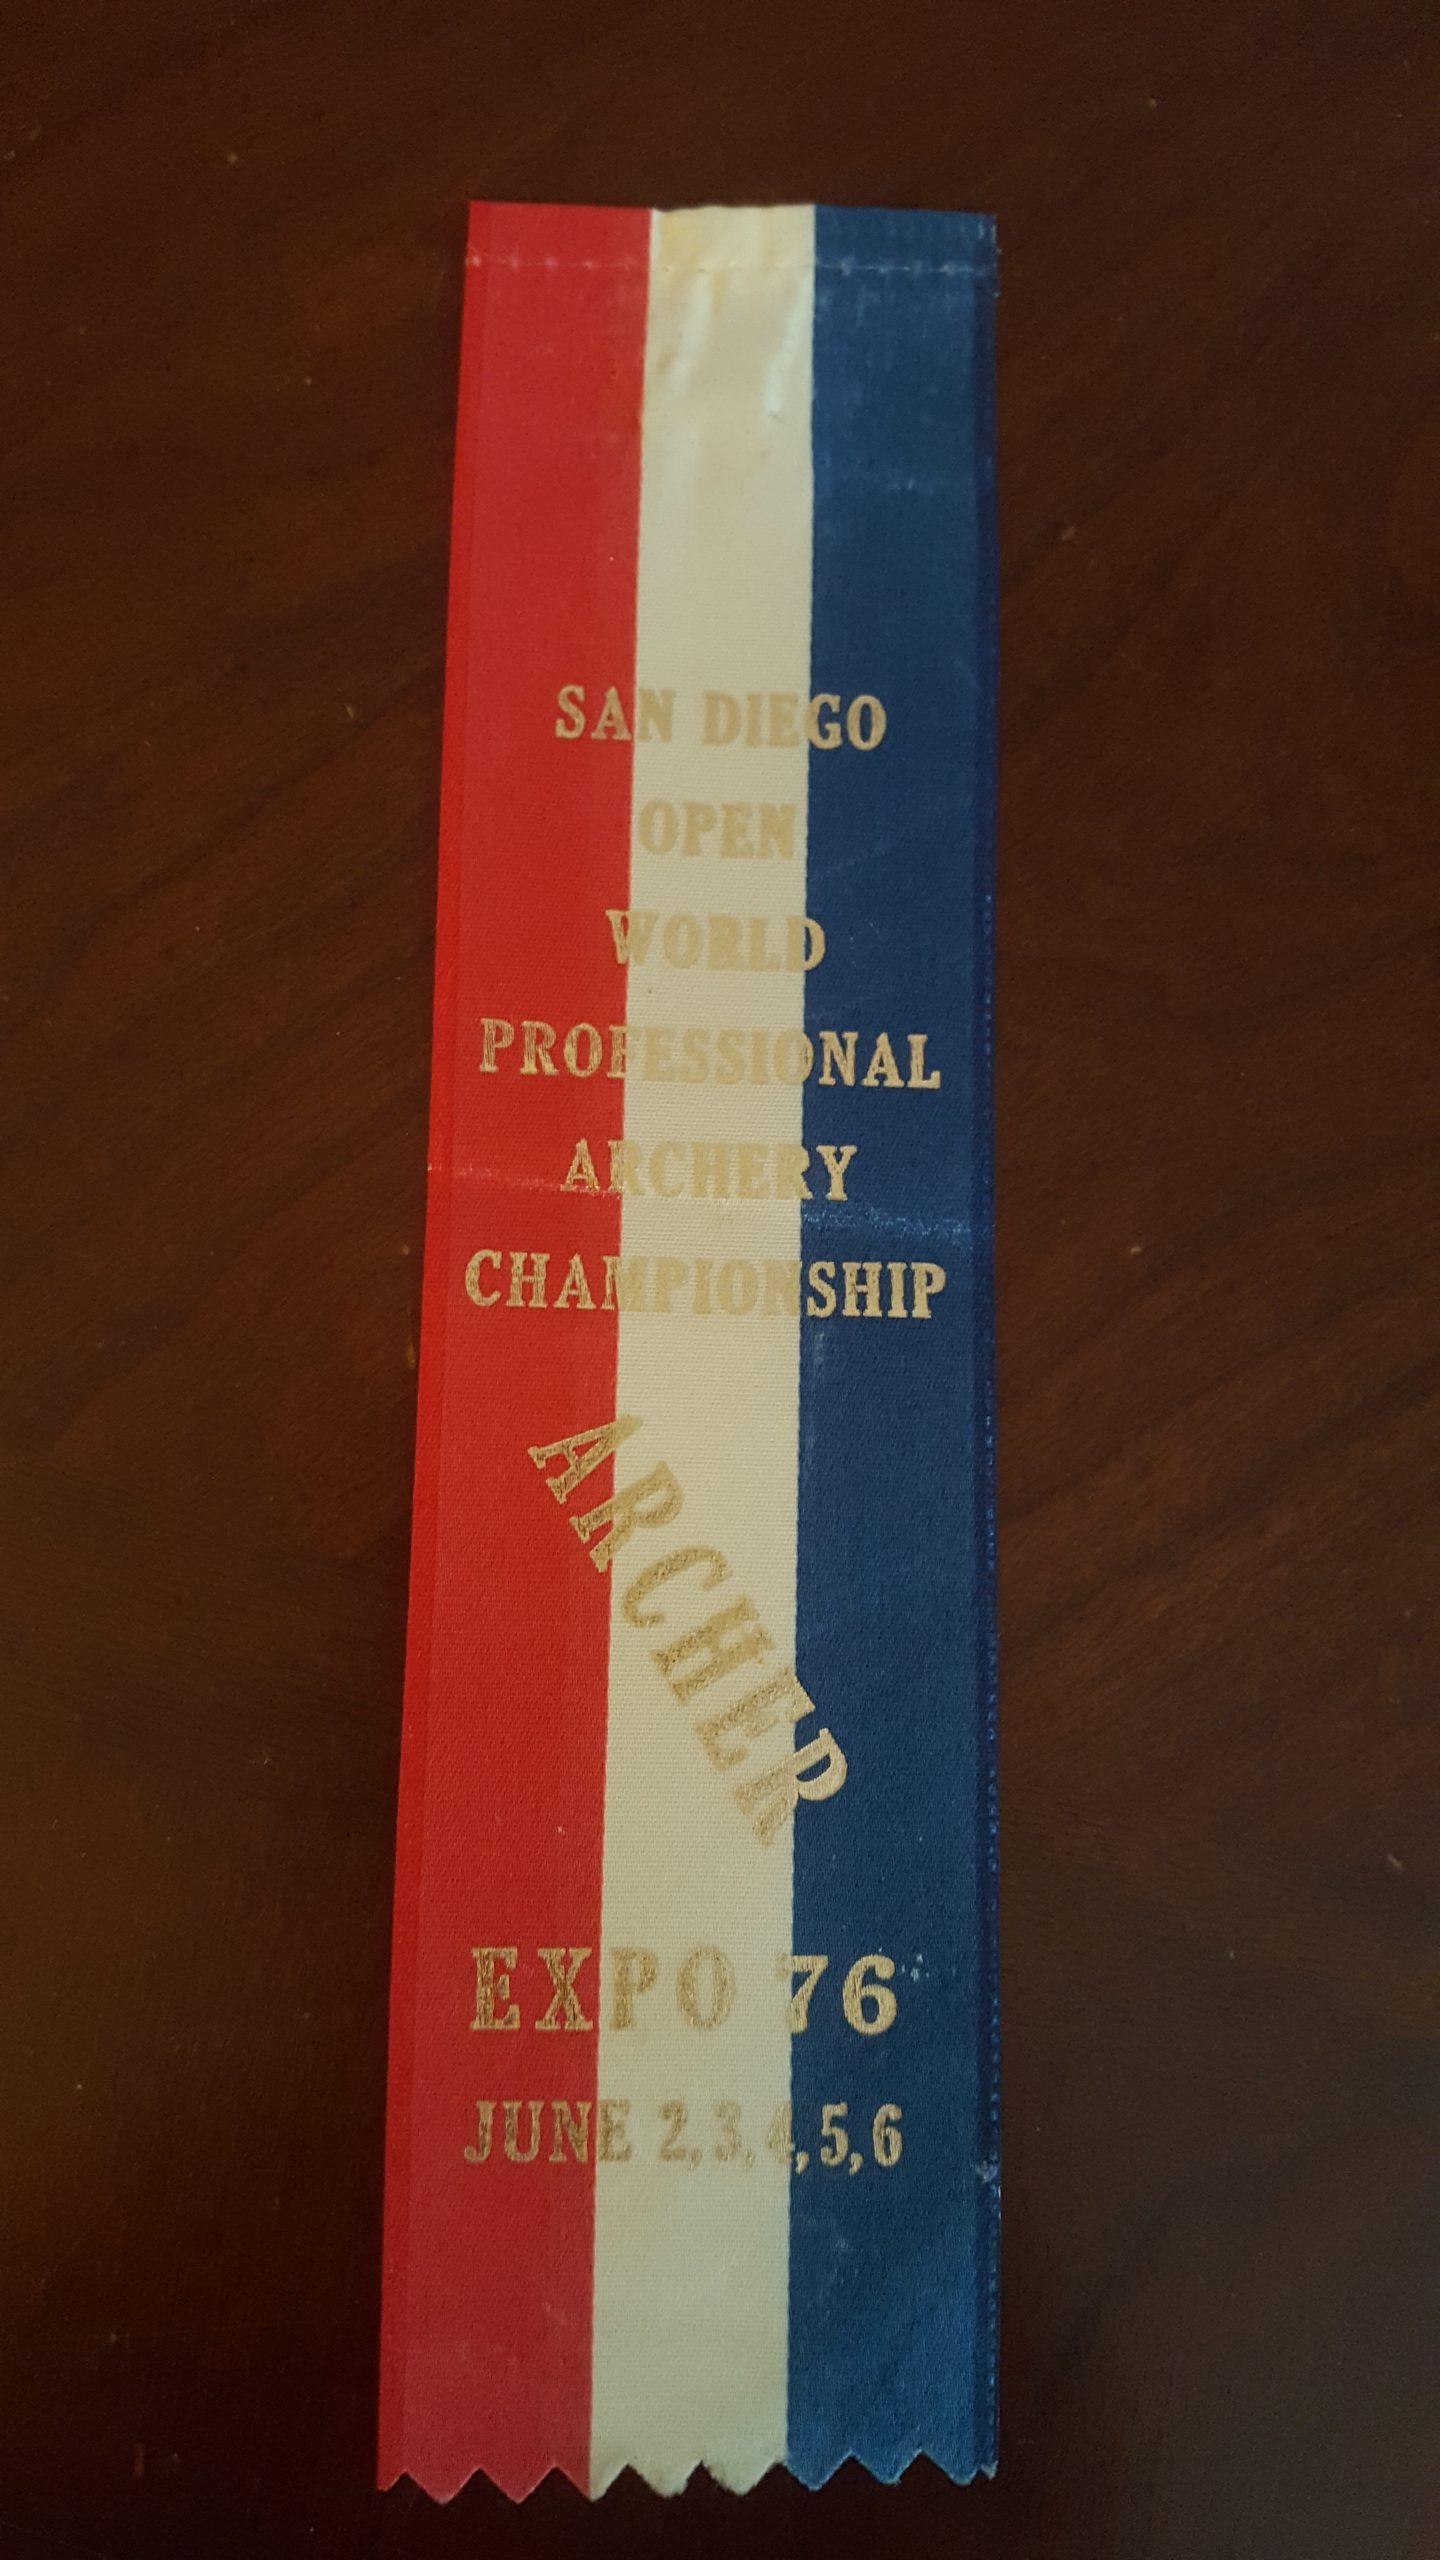 1976 World Professional Archery Championship,